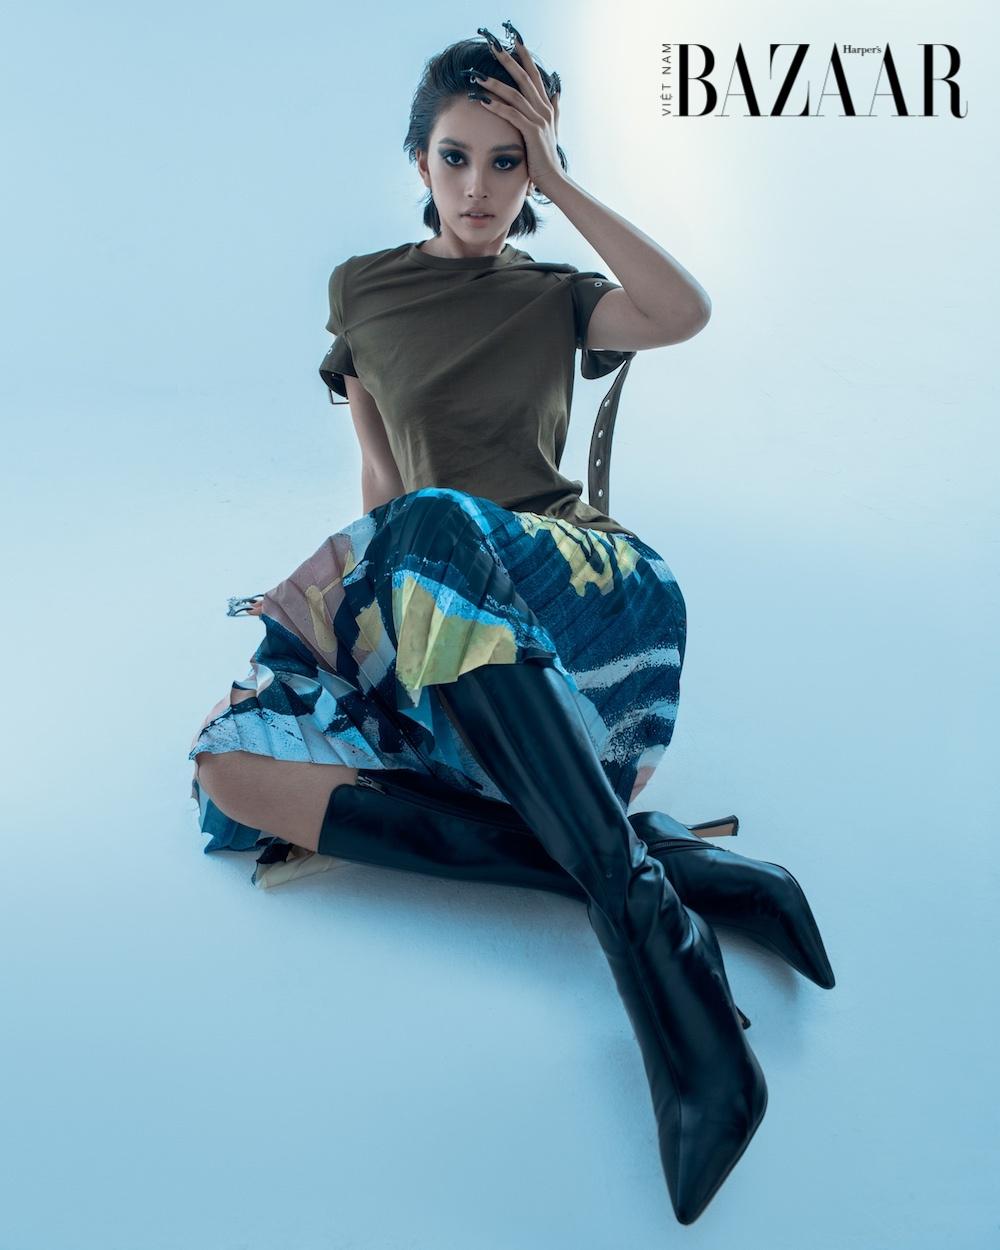 Hoa hậu Tiểu Vy tung bộ hình mới với concept